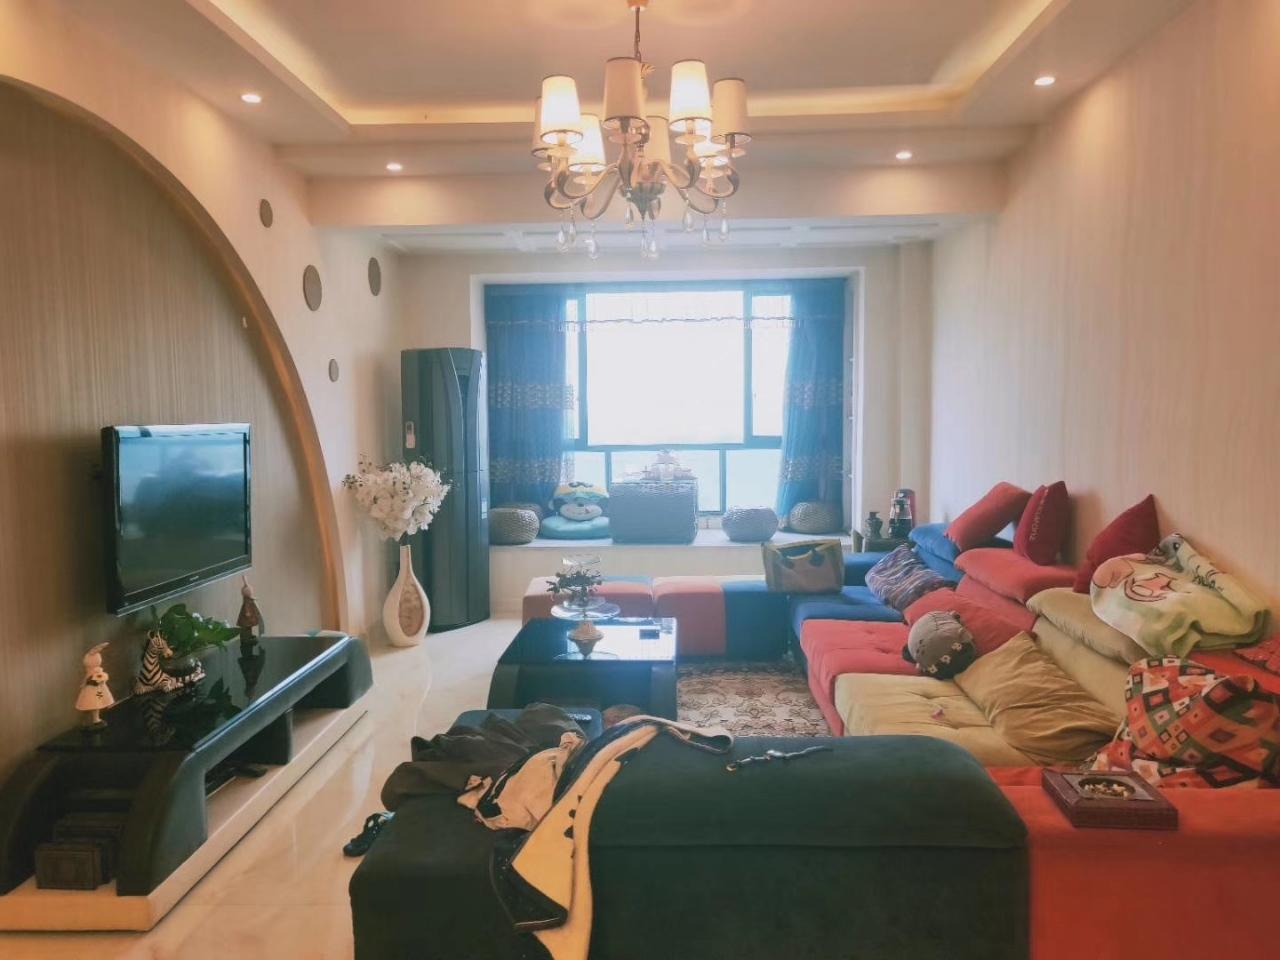 江景郦城江景房2室 2厅 1卫64.8万元